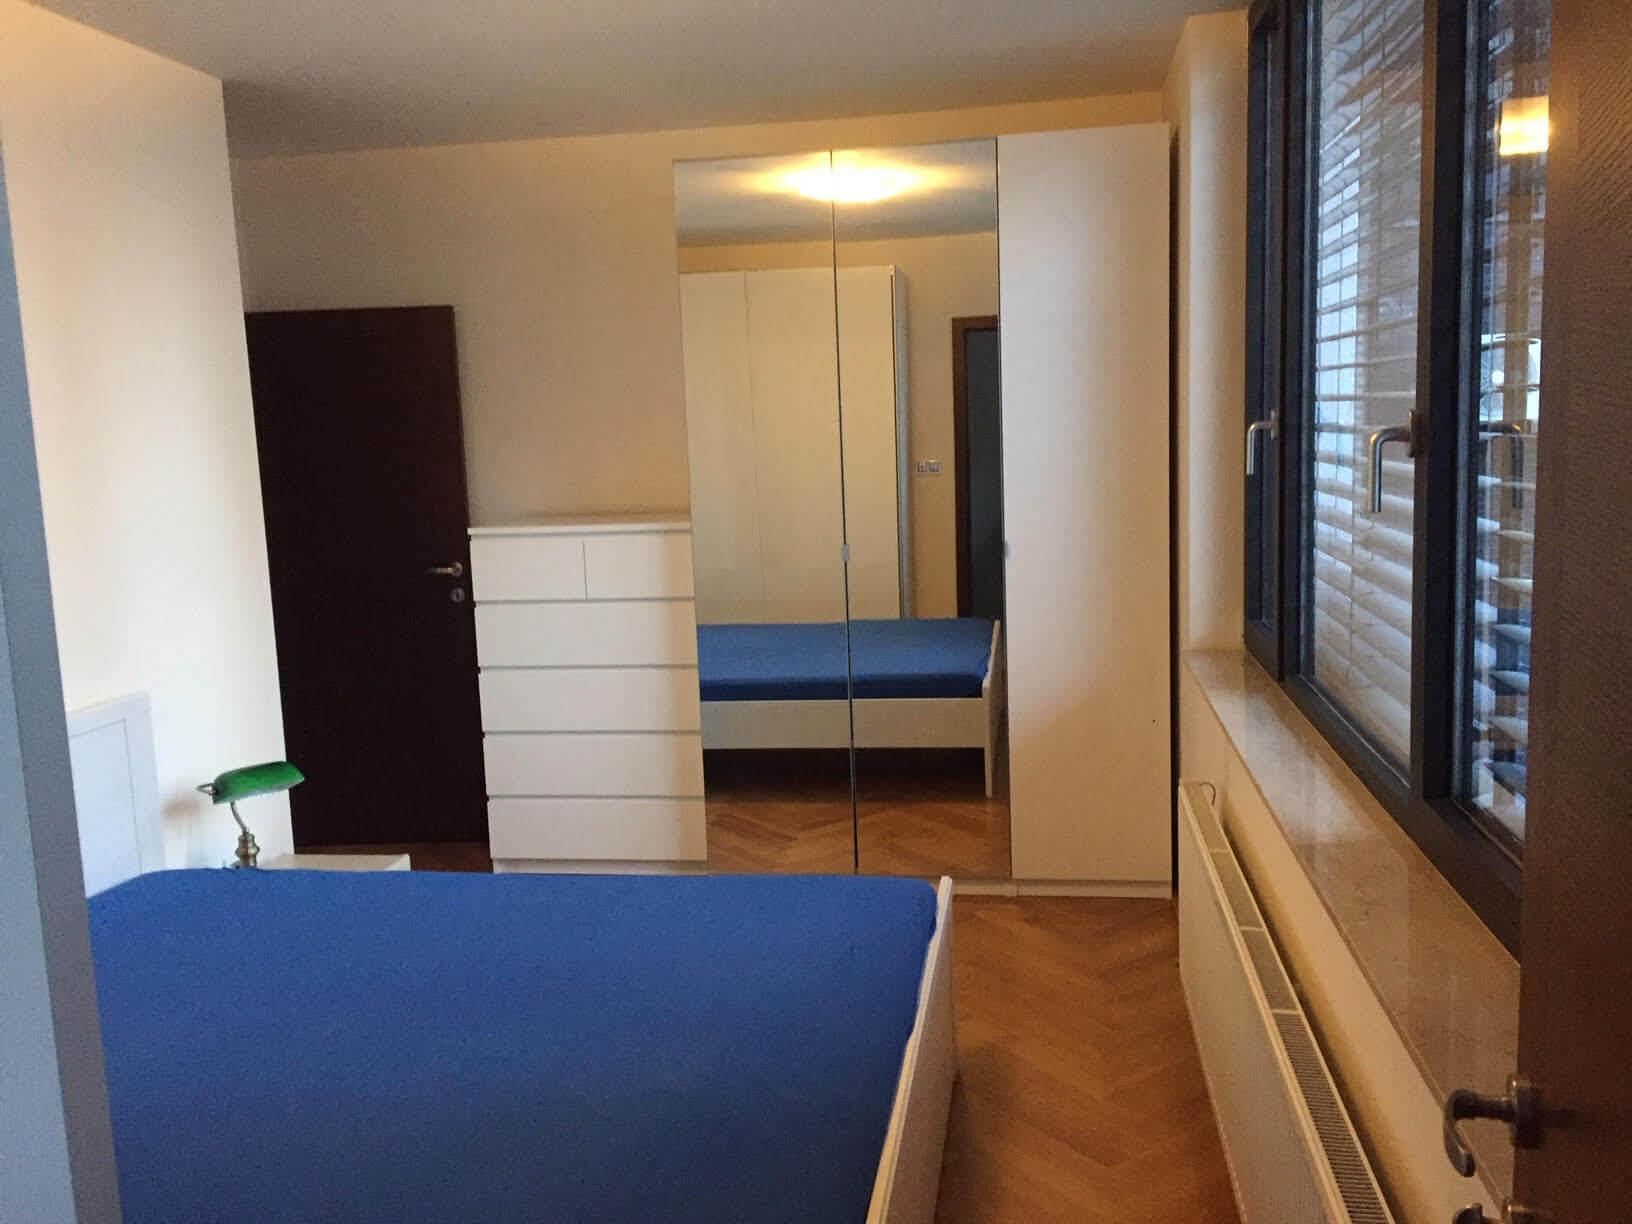 Prenajaté: Luxusný 3 izbový byt v centre BA, 88m2, Dunajská 48, balkón 6m, garážové státie,klimatizácia, krb-5